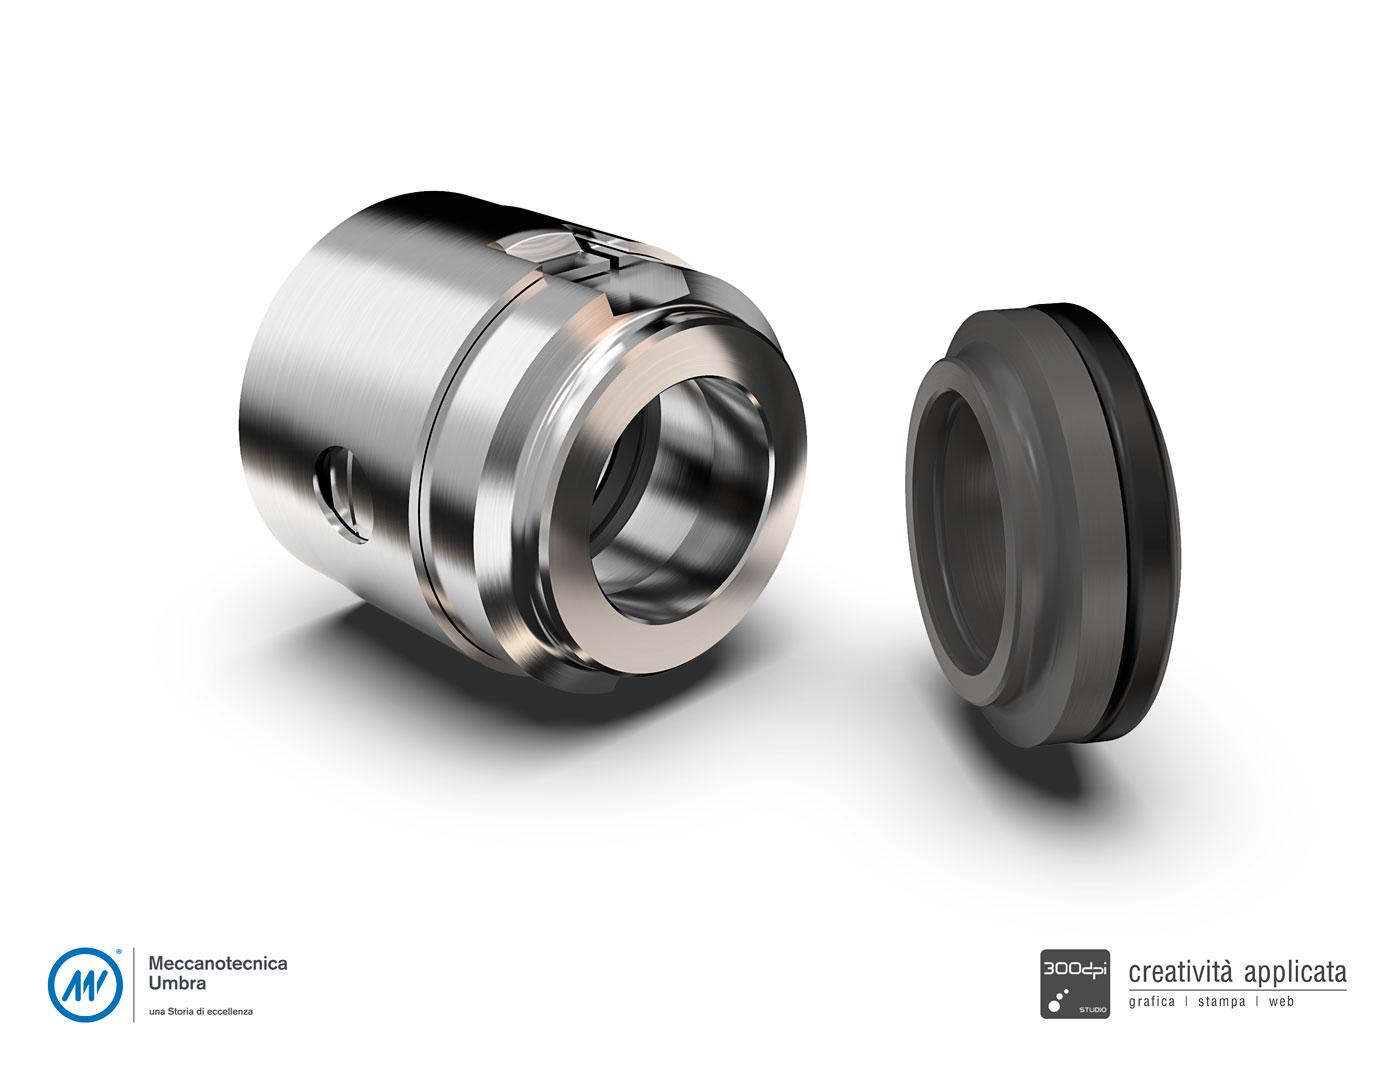 Pezzo meccanico render 3D - Meccanotecnica Umbra